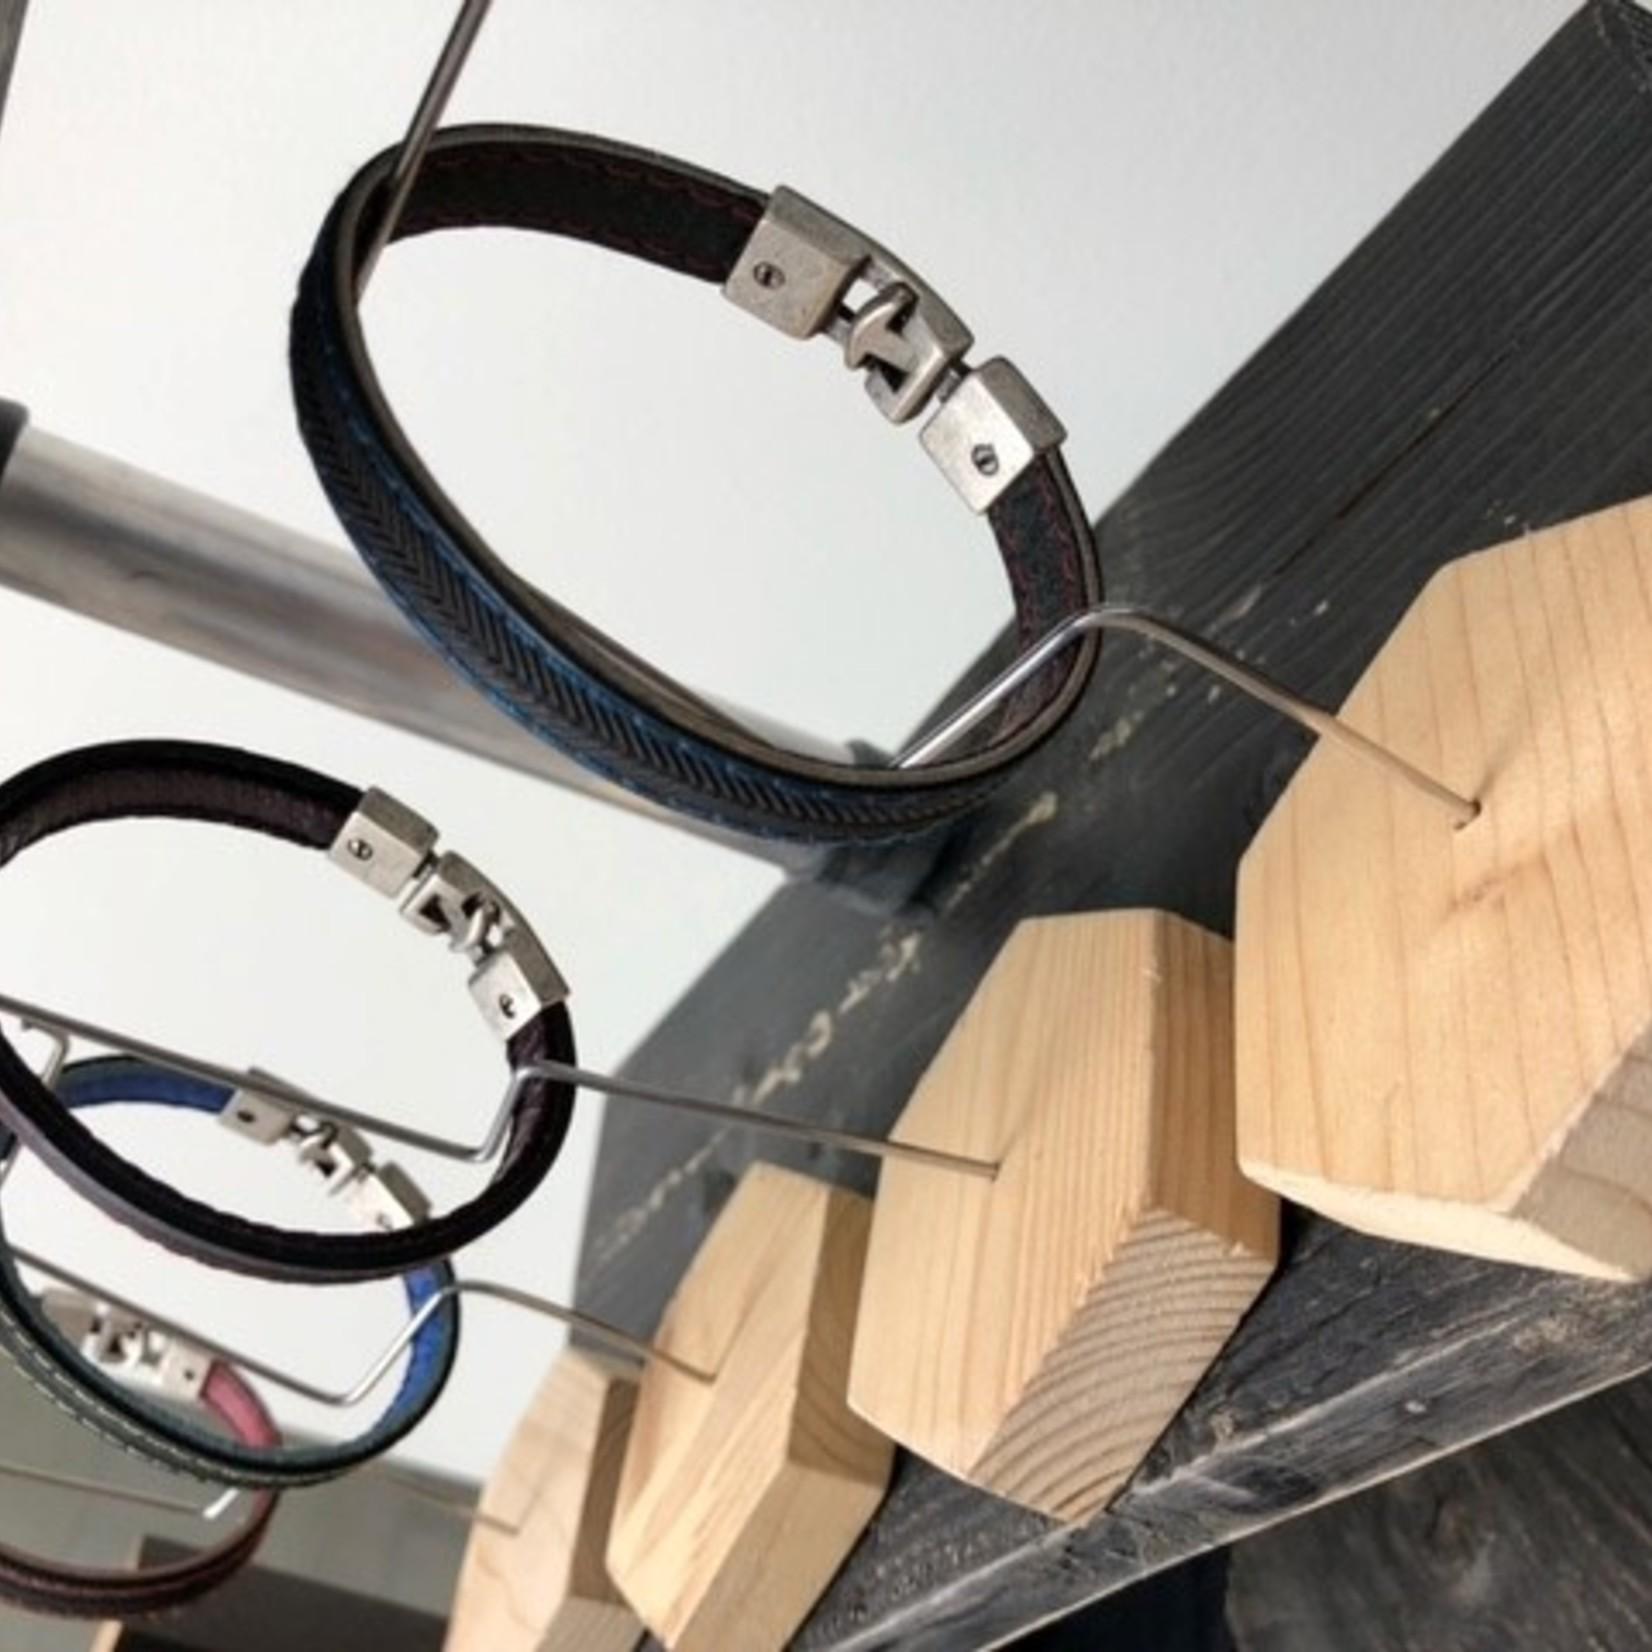 Cycled armband z/b/z